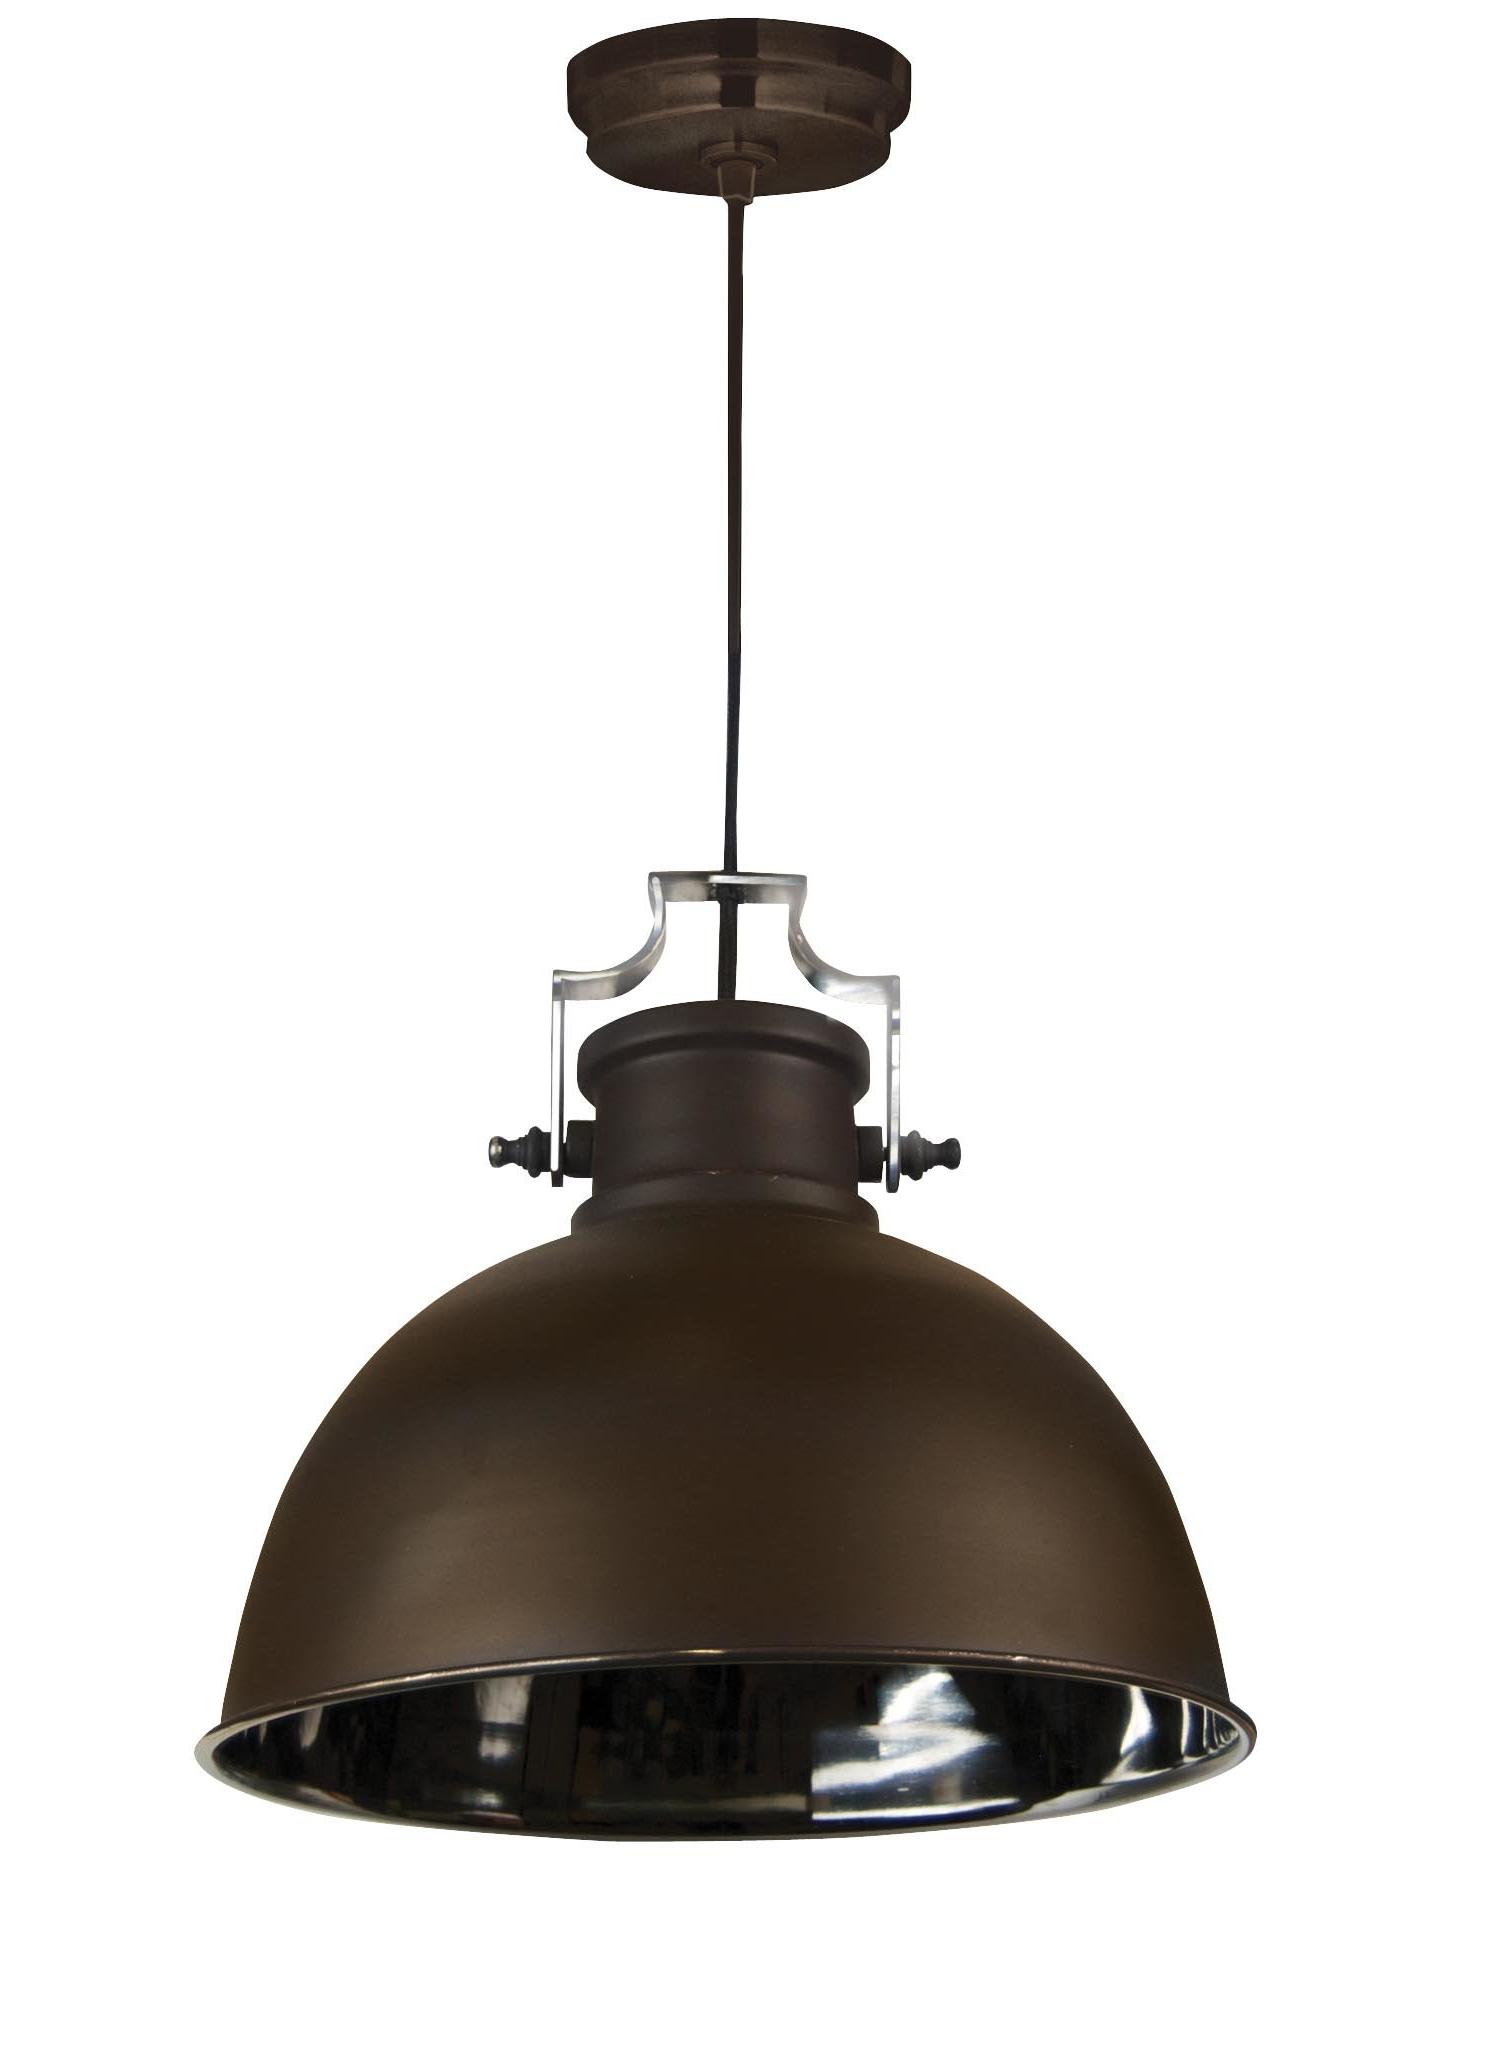 Ninette 1 Light Dome Pendants Pertaining To 2019 Shaeffer 1 Light Dome Pendant (Gallery 5 of 20)